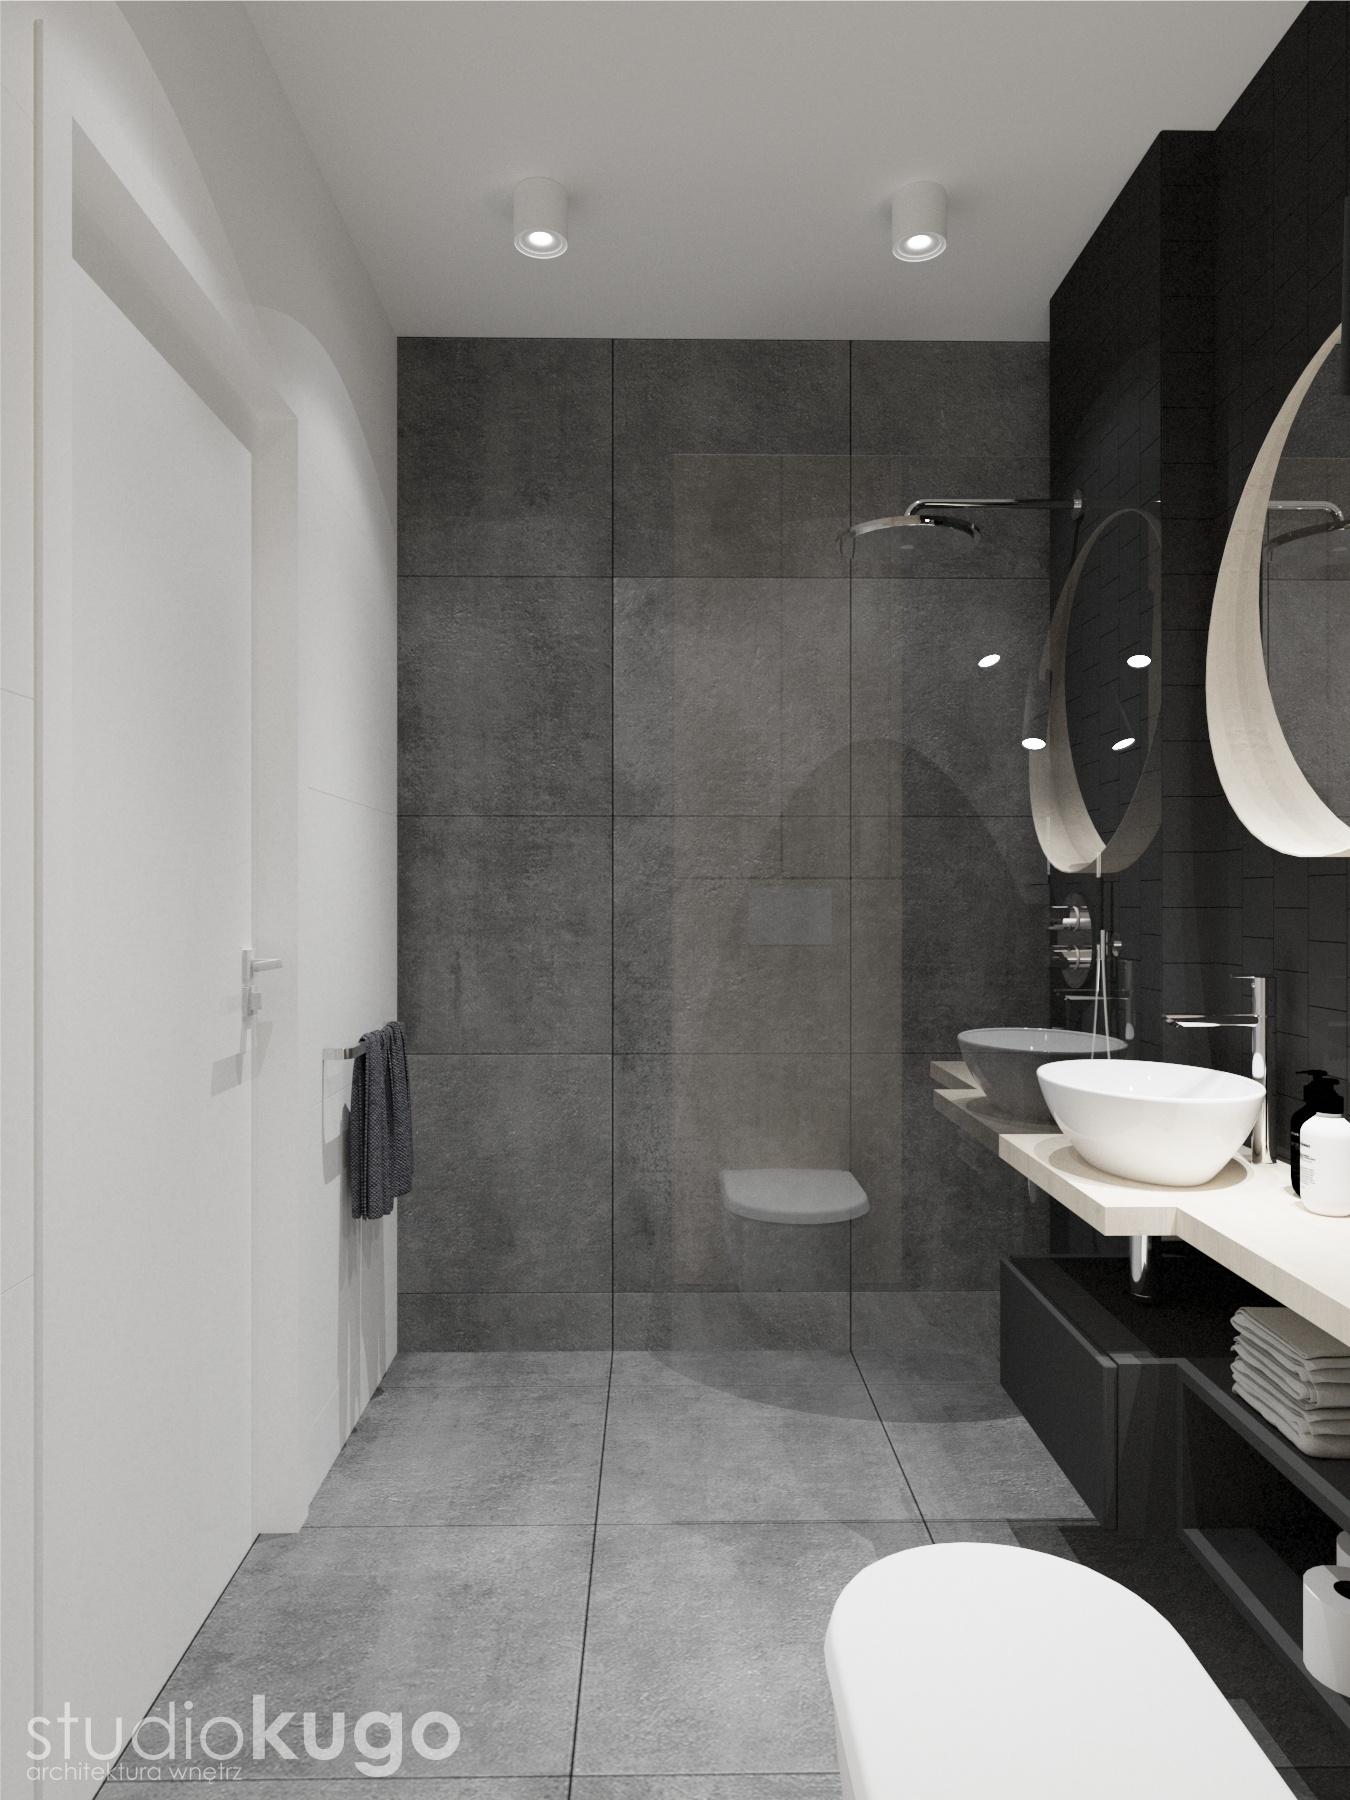 019_A_ (9)_łazienka